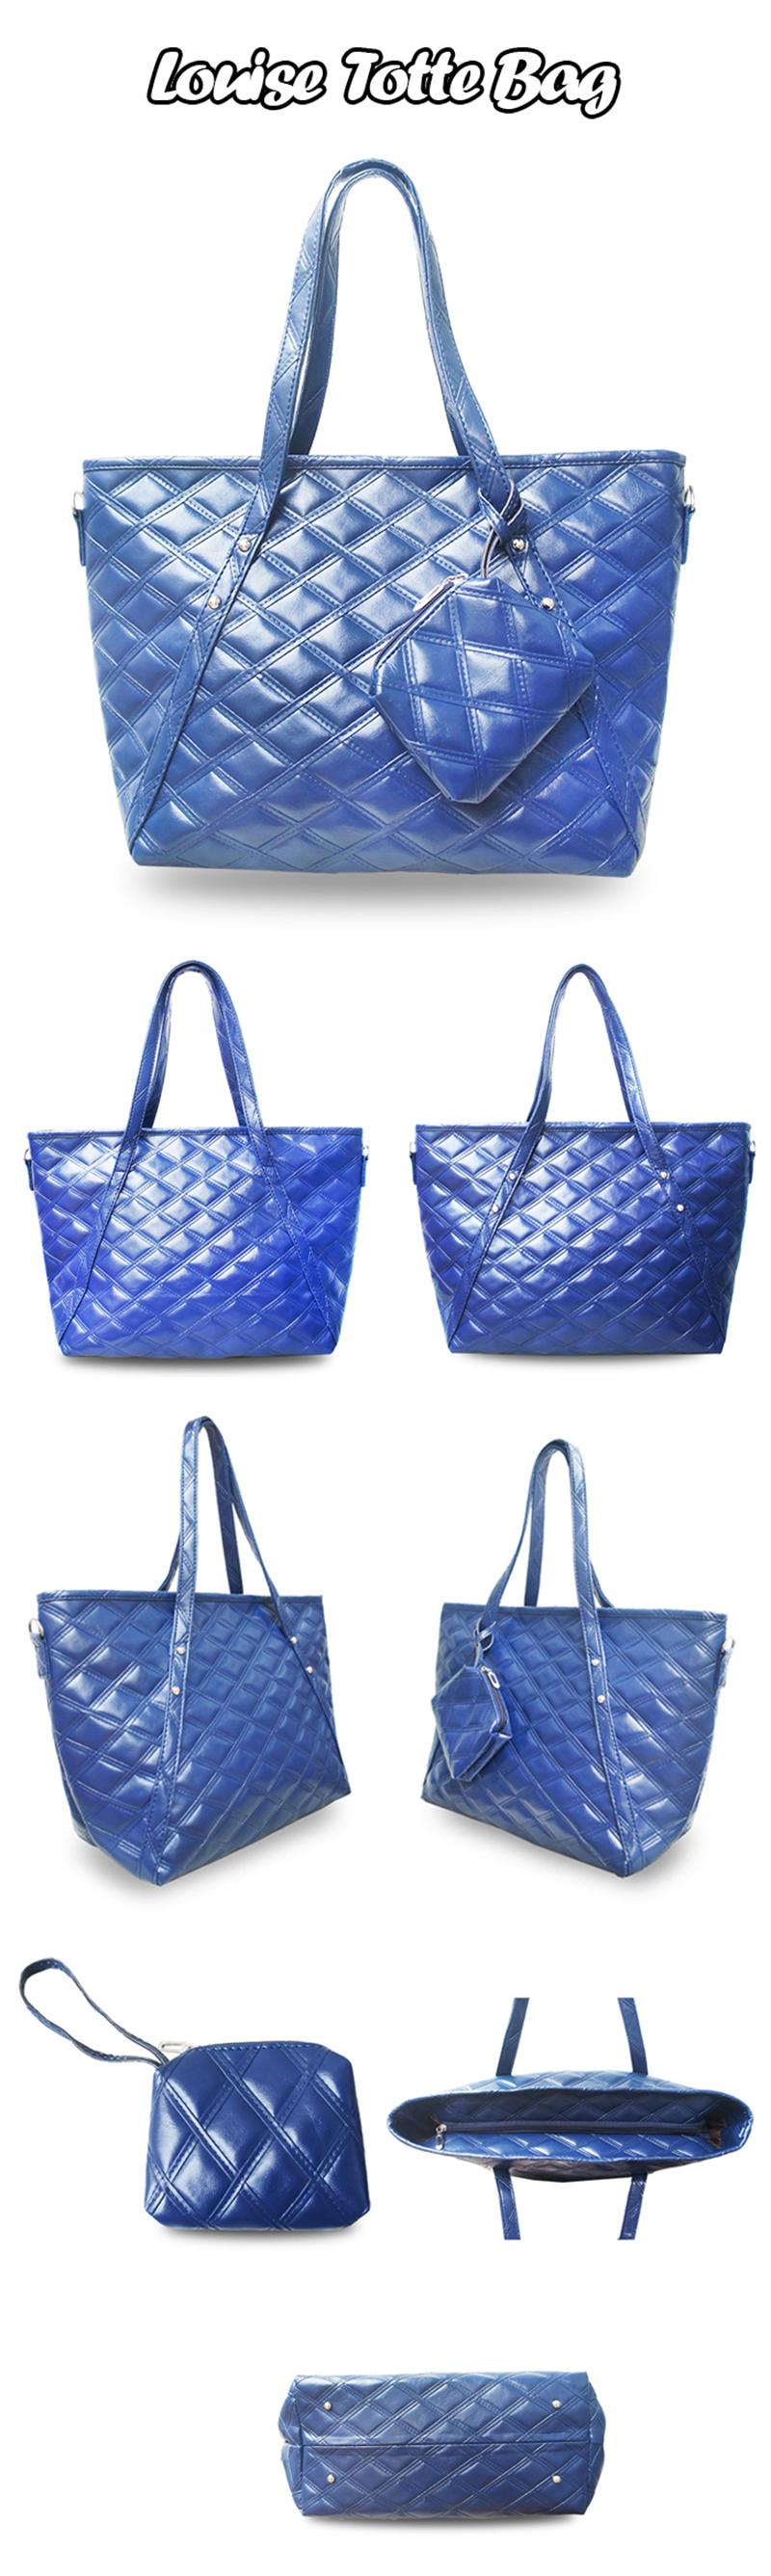 Quincylabel Tote Louise Bag Red Daftar Harga Terlengkap Indonesia Croco Himalayan Dark Blue New Item Quincy Label Dan Chain Tas Wanita